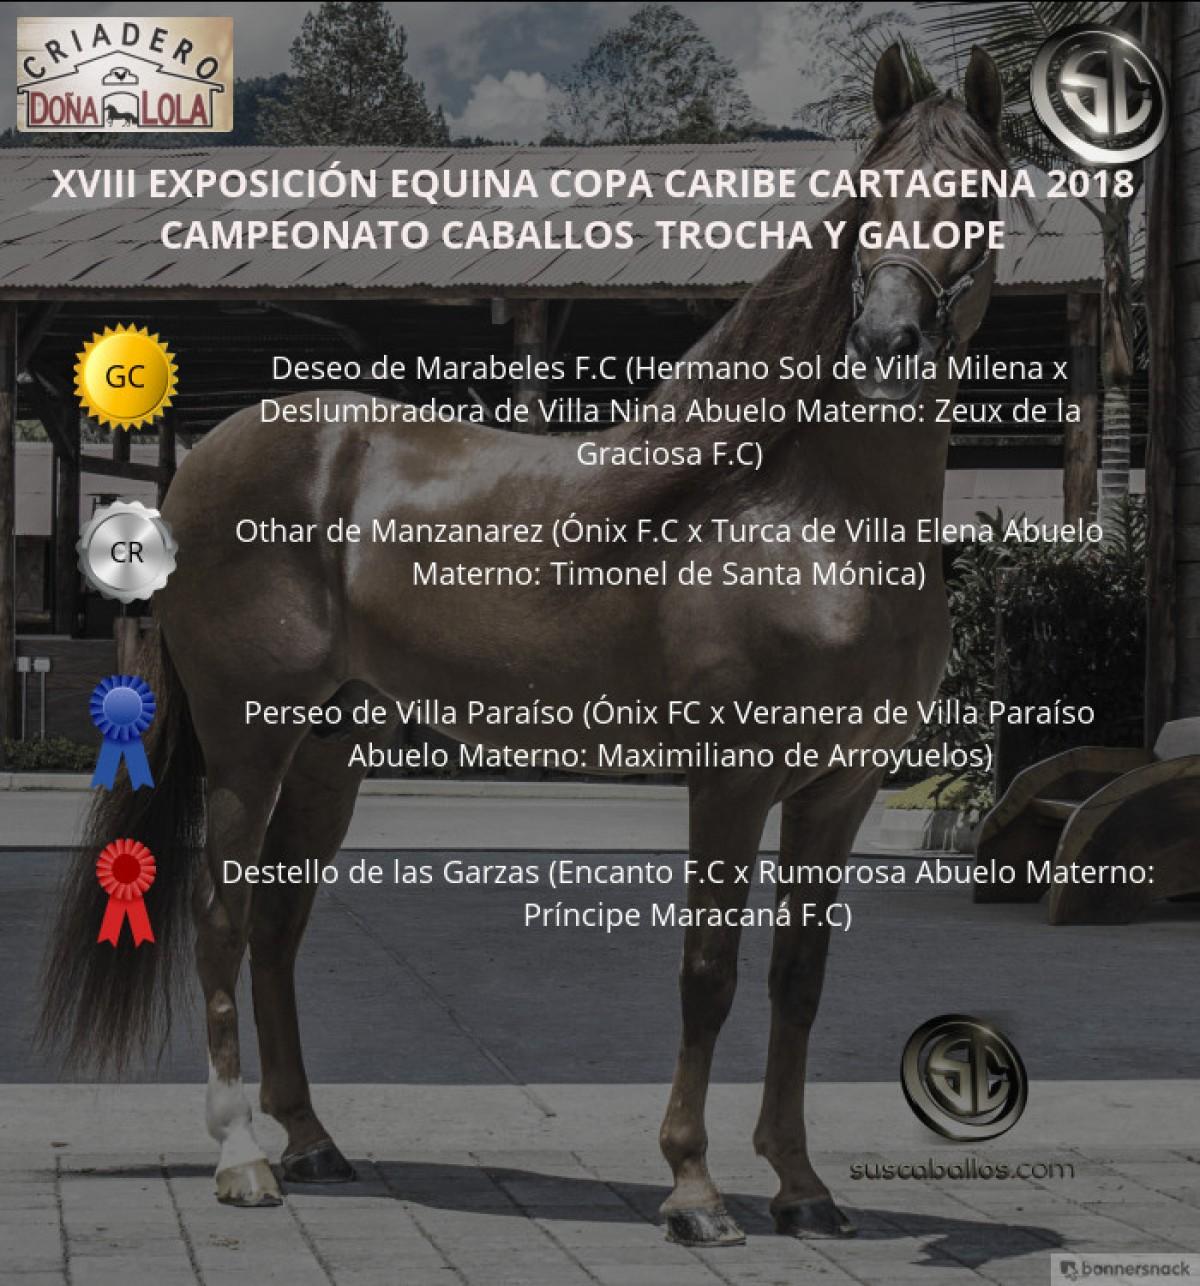 VÍDEO: Deseo Campeón, Othar Reservado, Trocha Y Galope, Copa Caribe Cartagena